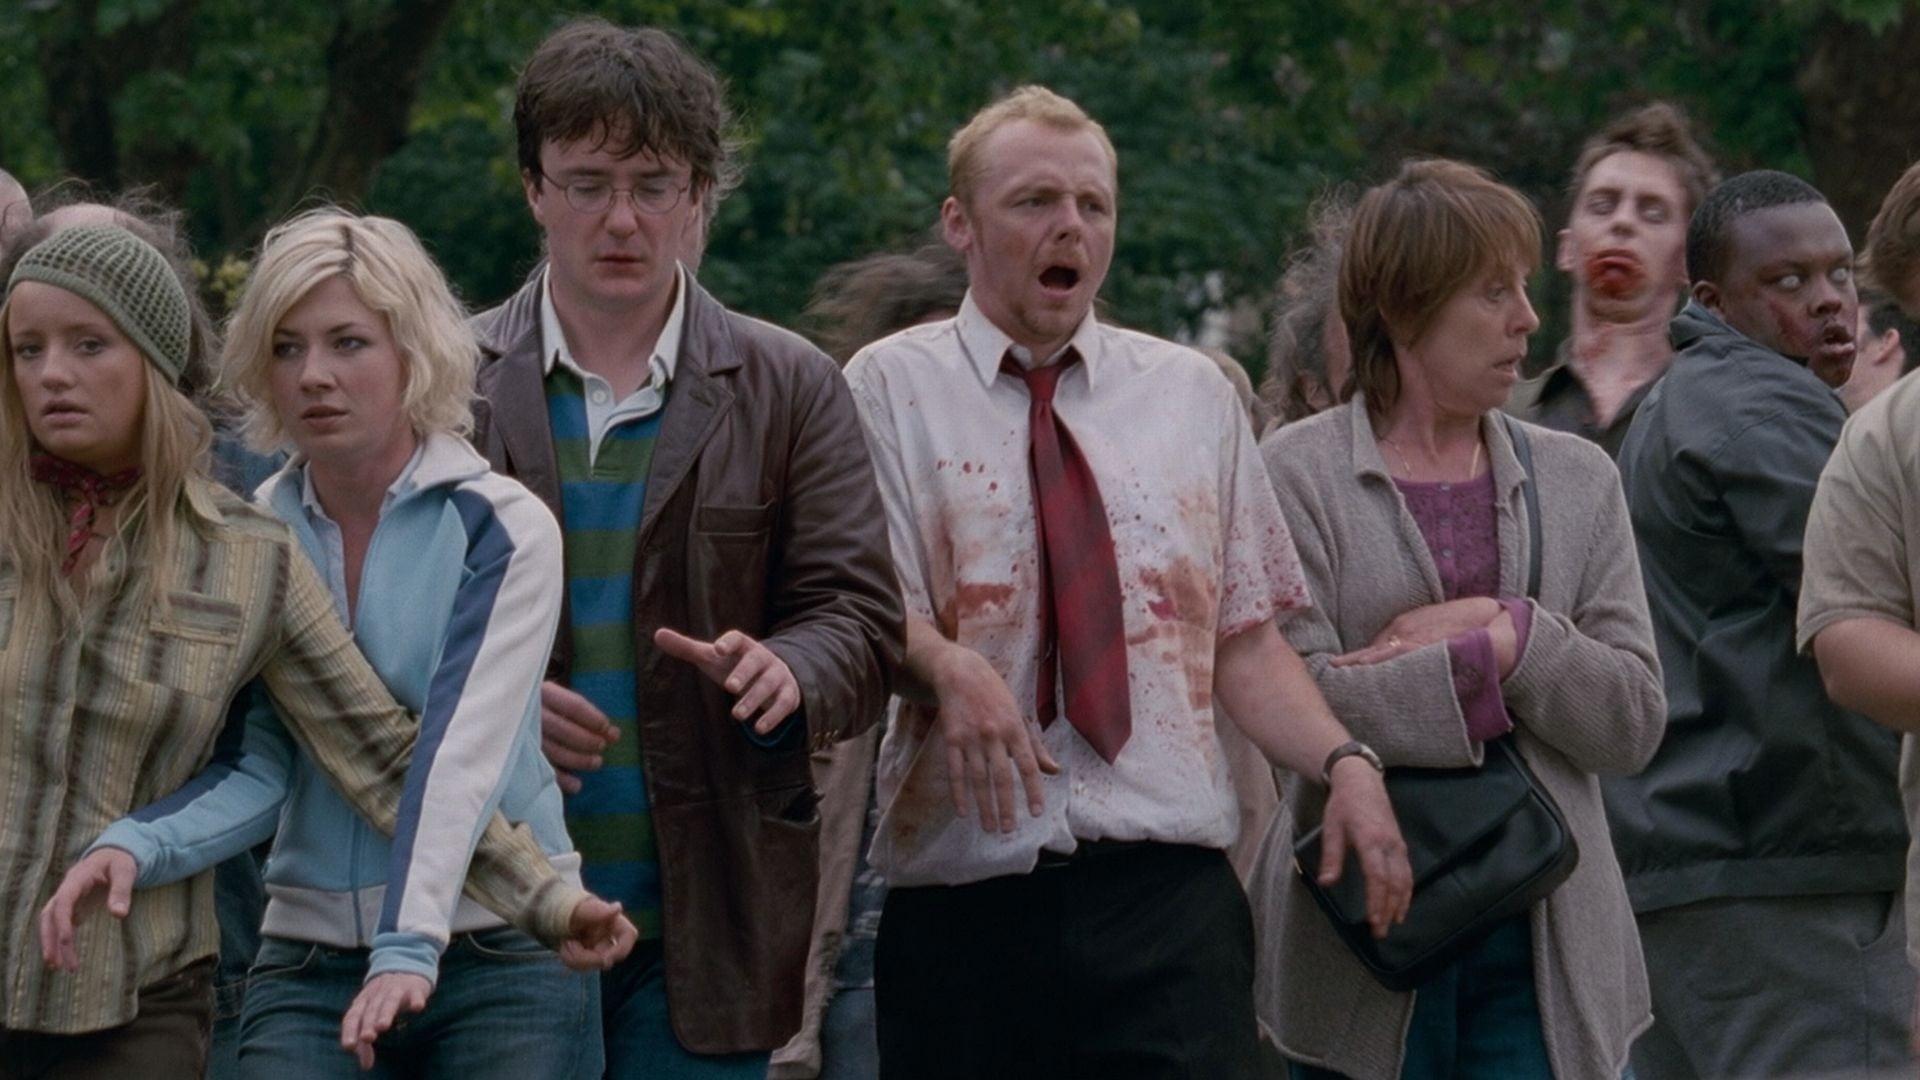 รีวิวหนังออนไลน์ เรื่อง Shaun of the Dead (รุ่งอรุณแห่งความวายป่วง) ปี 2004